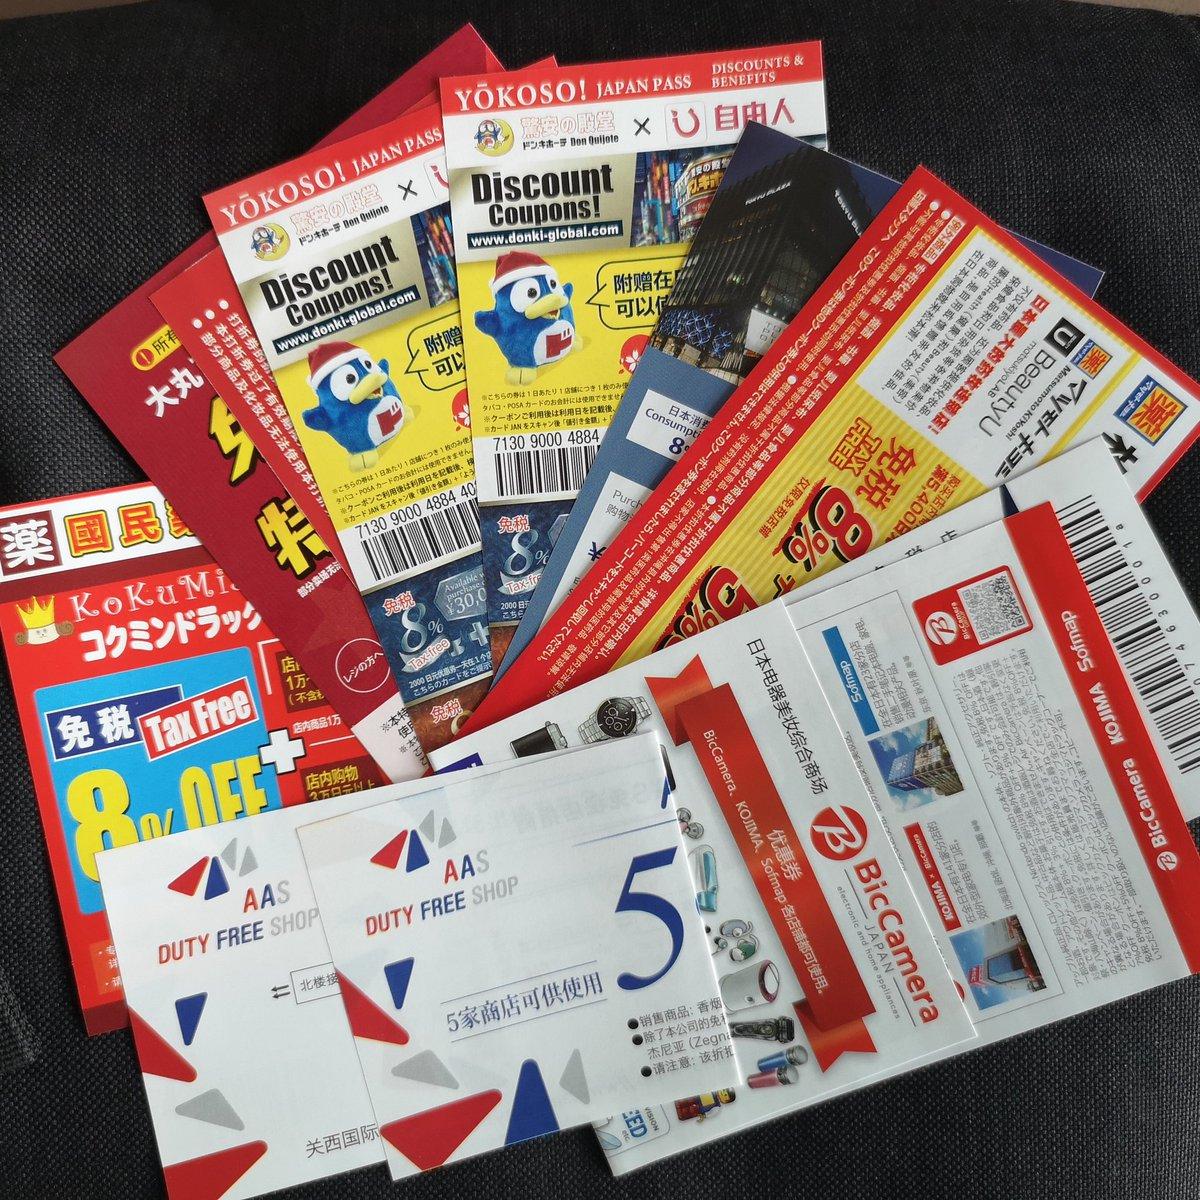 test ツイッターメディア - JALでもくれるビックカメラの割引券、春秋もくれた!(左) と思ってたら渡された書類が多すぎない?とみたらクーポンの福袋まで!! 中身はクーポンてんこ盛り。 福袋の中にもビックカメラの割引券も。(別のと重複) こういう広告収入馬鹿にならなさそう。 https://t.co/mcpYMSDfX4